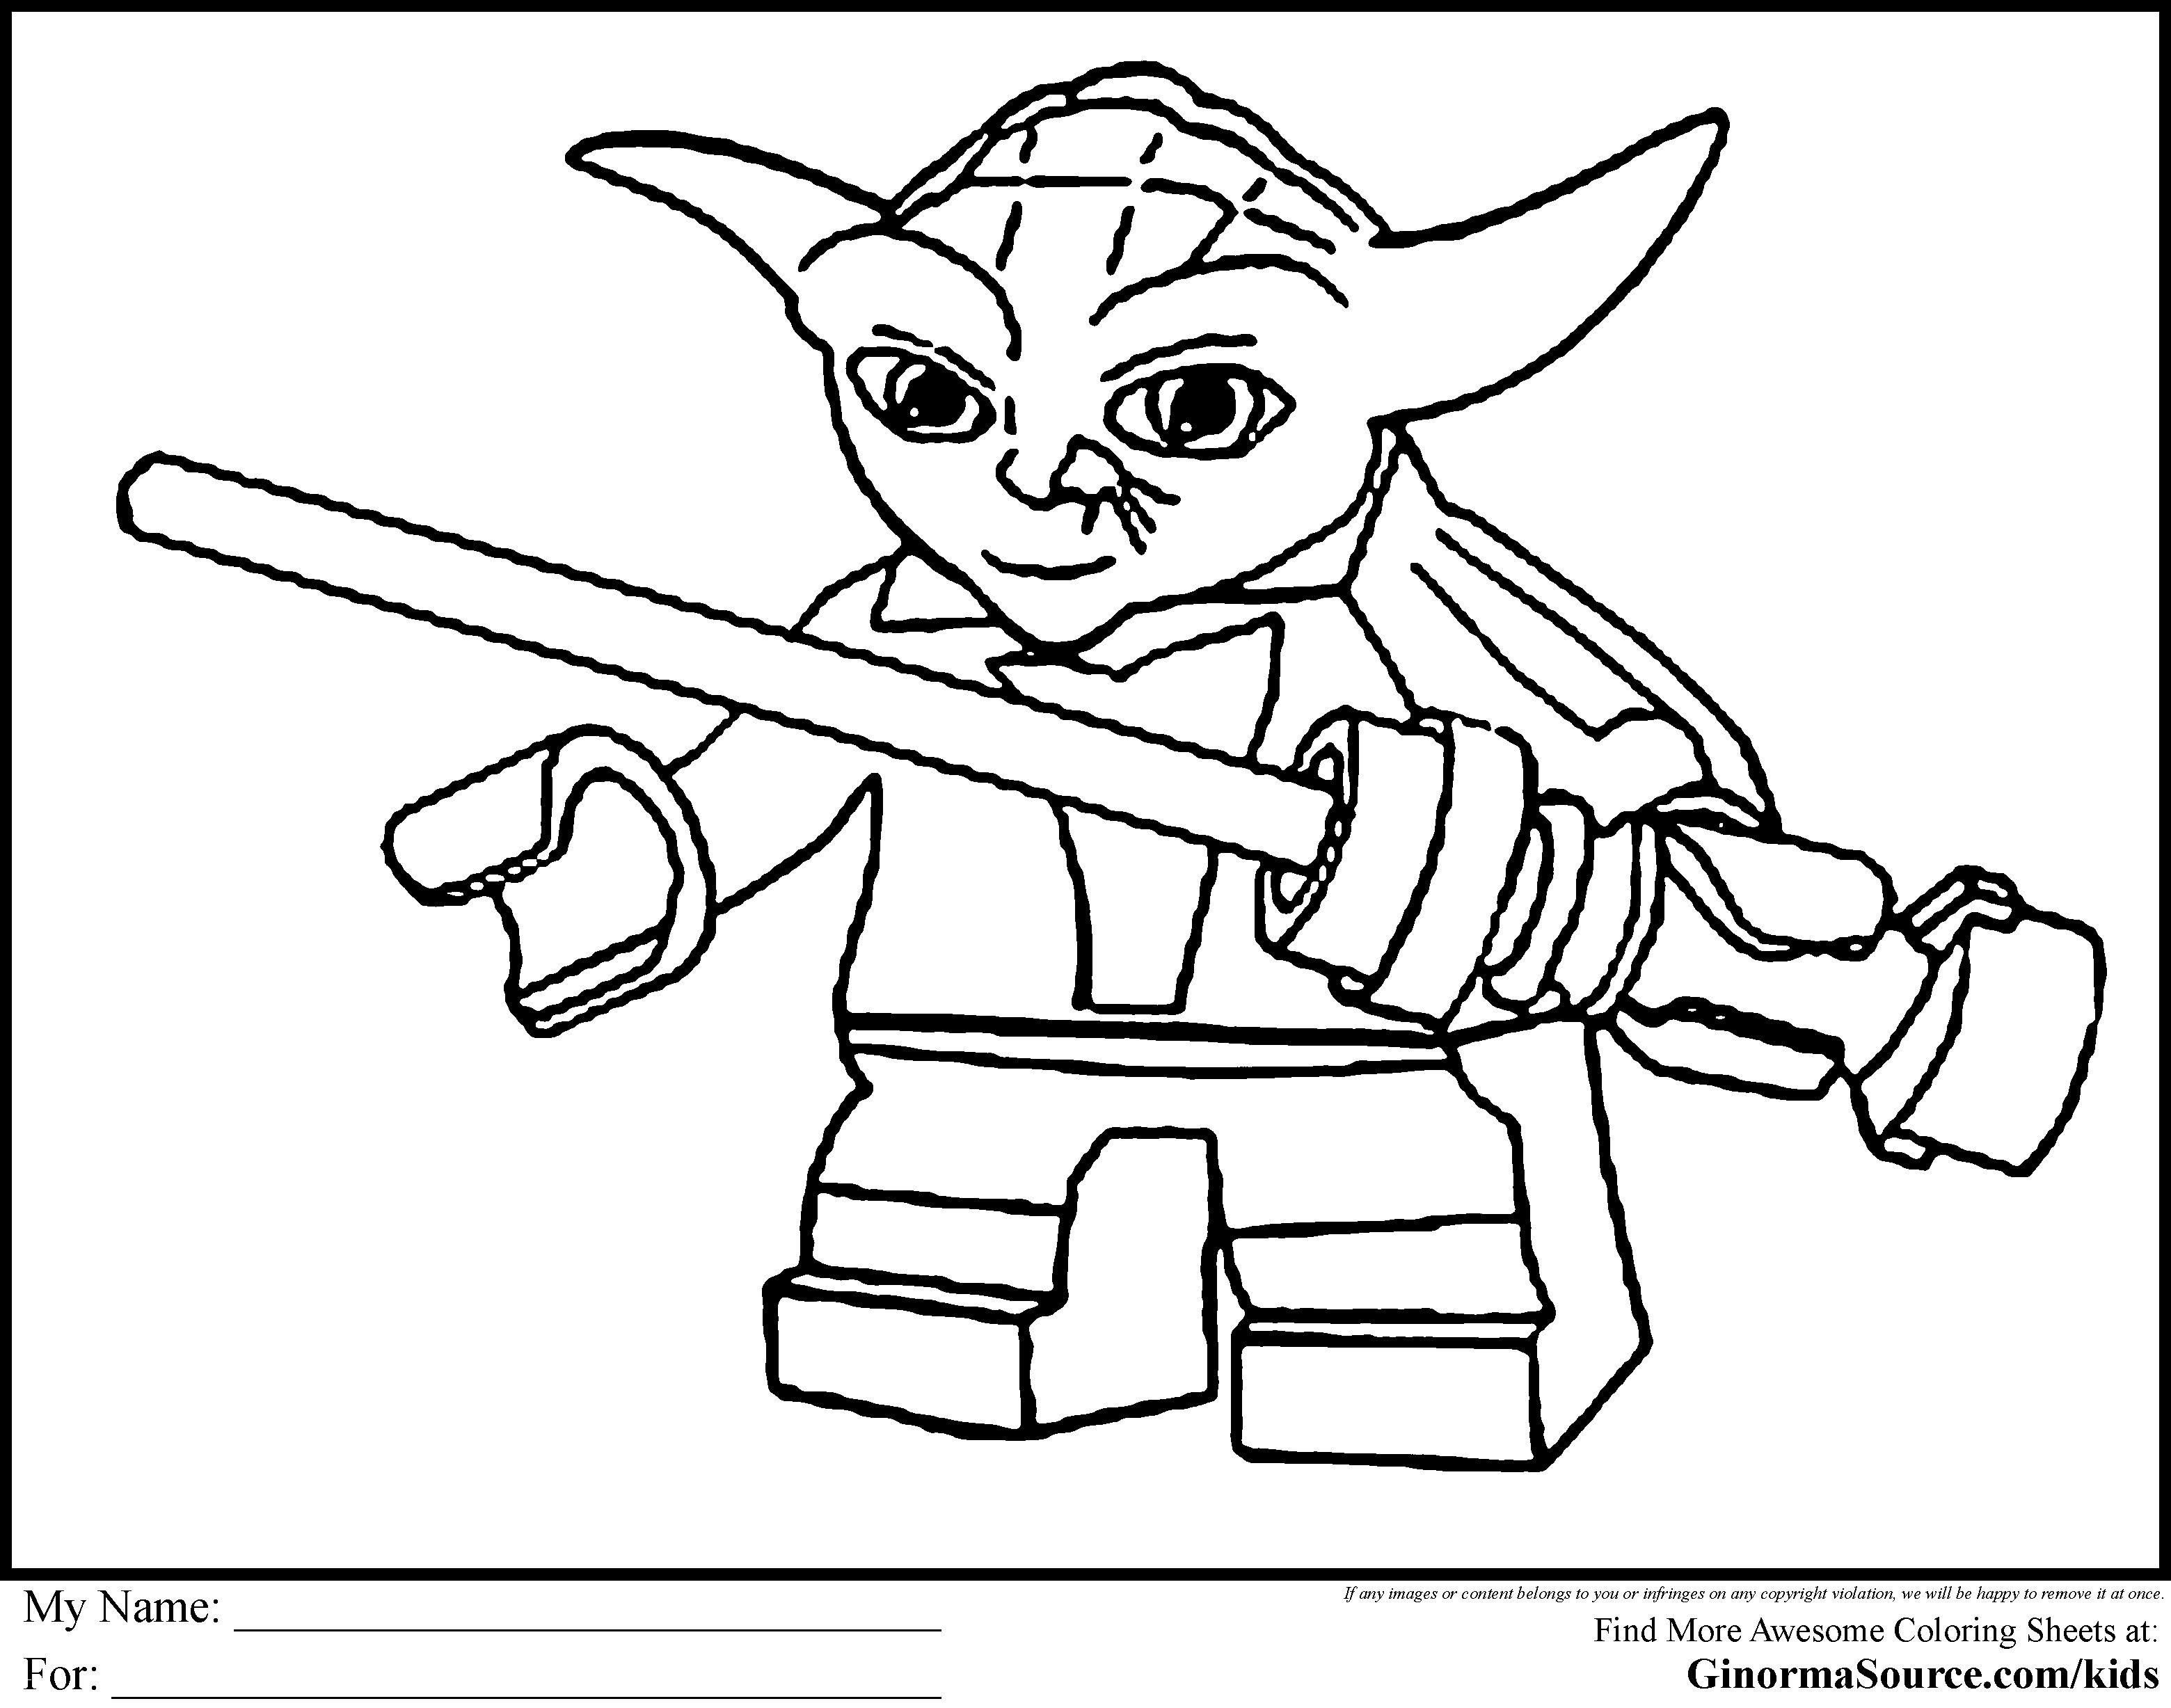 Lego Star Wars Ausmalbild Inspirierend 45 Neu Ausmalbilder Lego Starwars Beste Malvorlage Das Bild